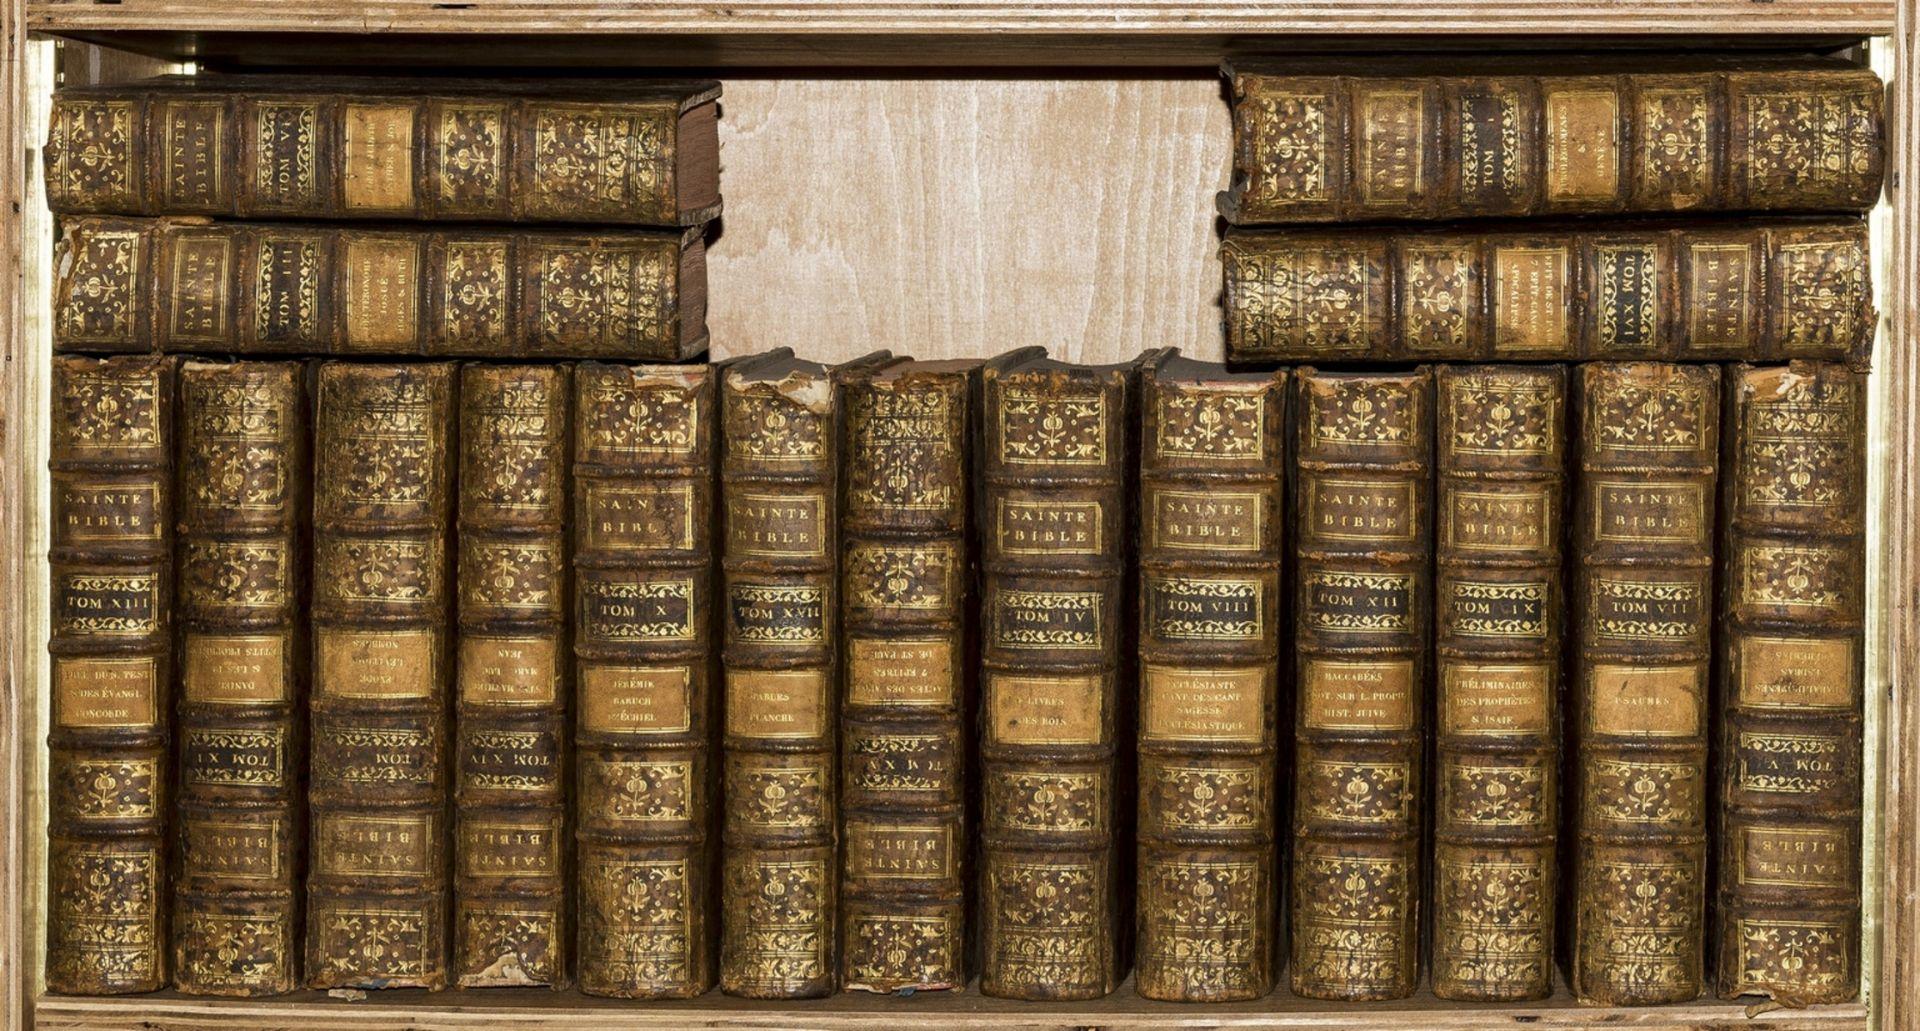 Bible, Latin & French. Sainte Bible en Latin et en Francois, Second Edition, 17 vol., Paris, … - Image 2 of 2